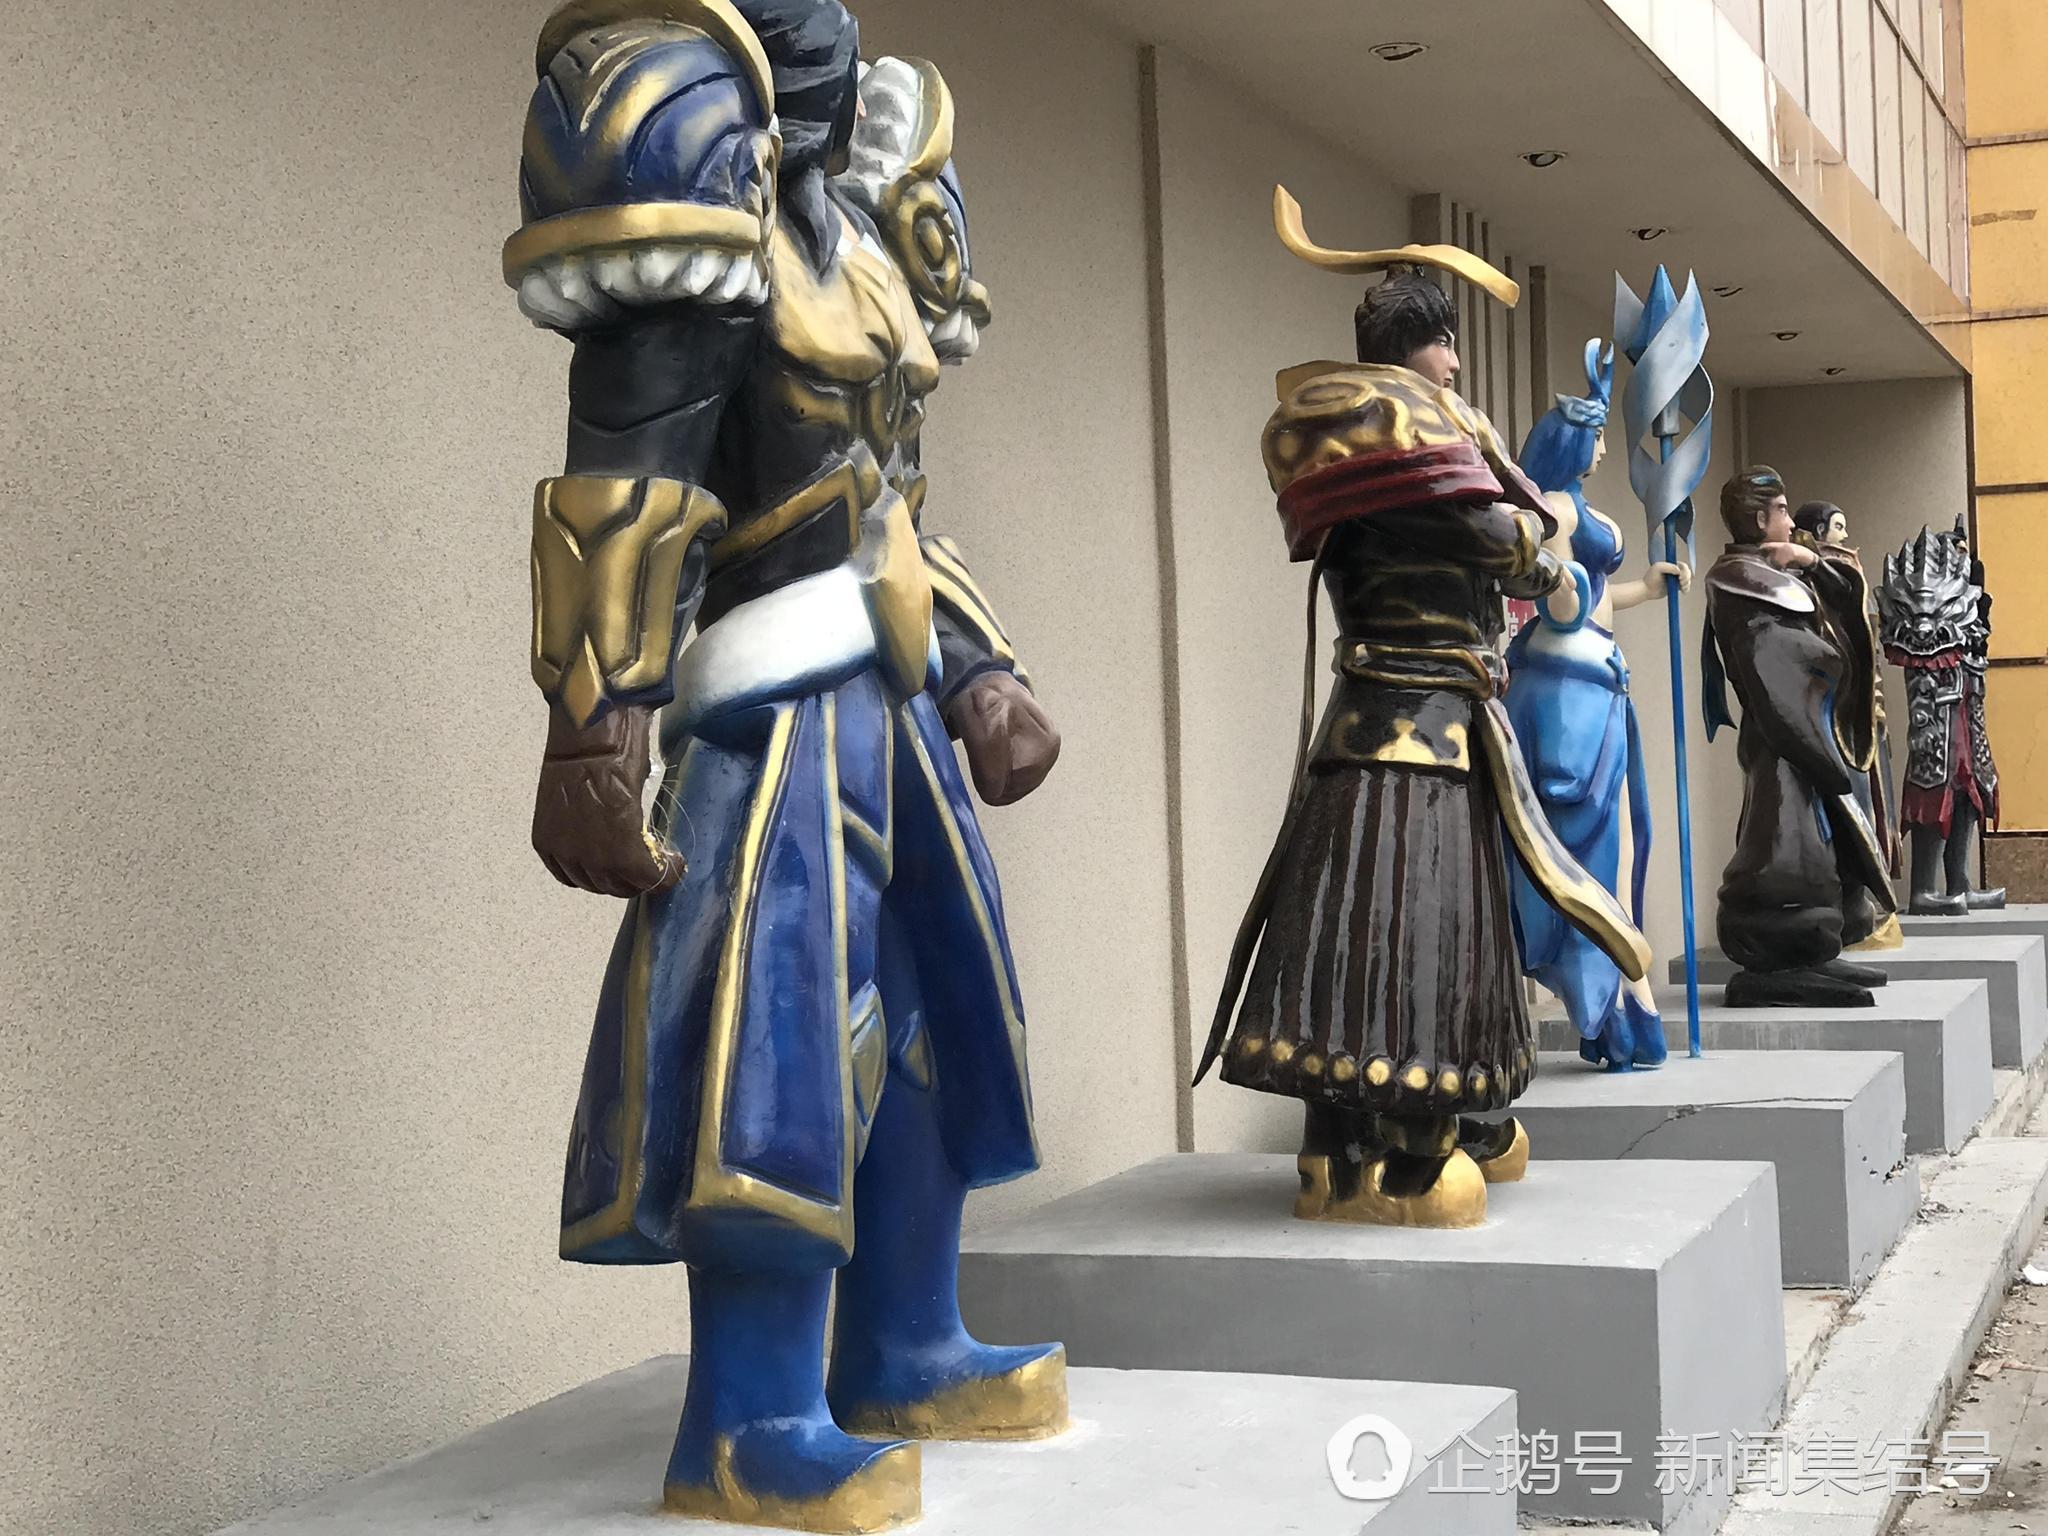 农安街头现王者荣耀雕塑,李白 孙悟空 王昭君 咔咔站一排图片